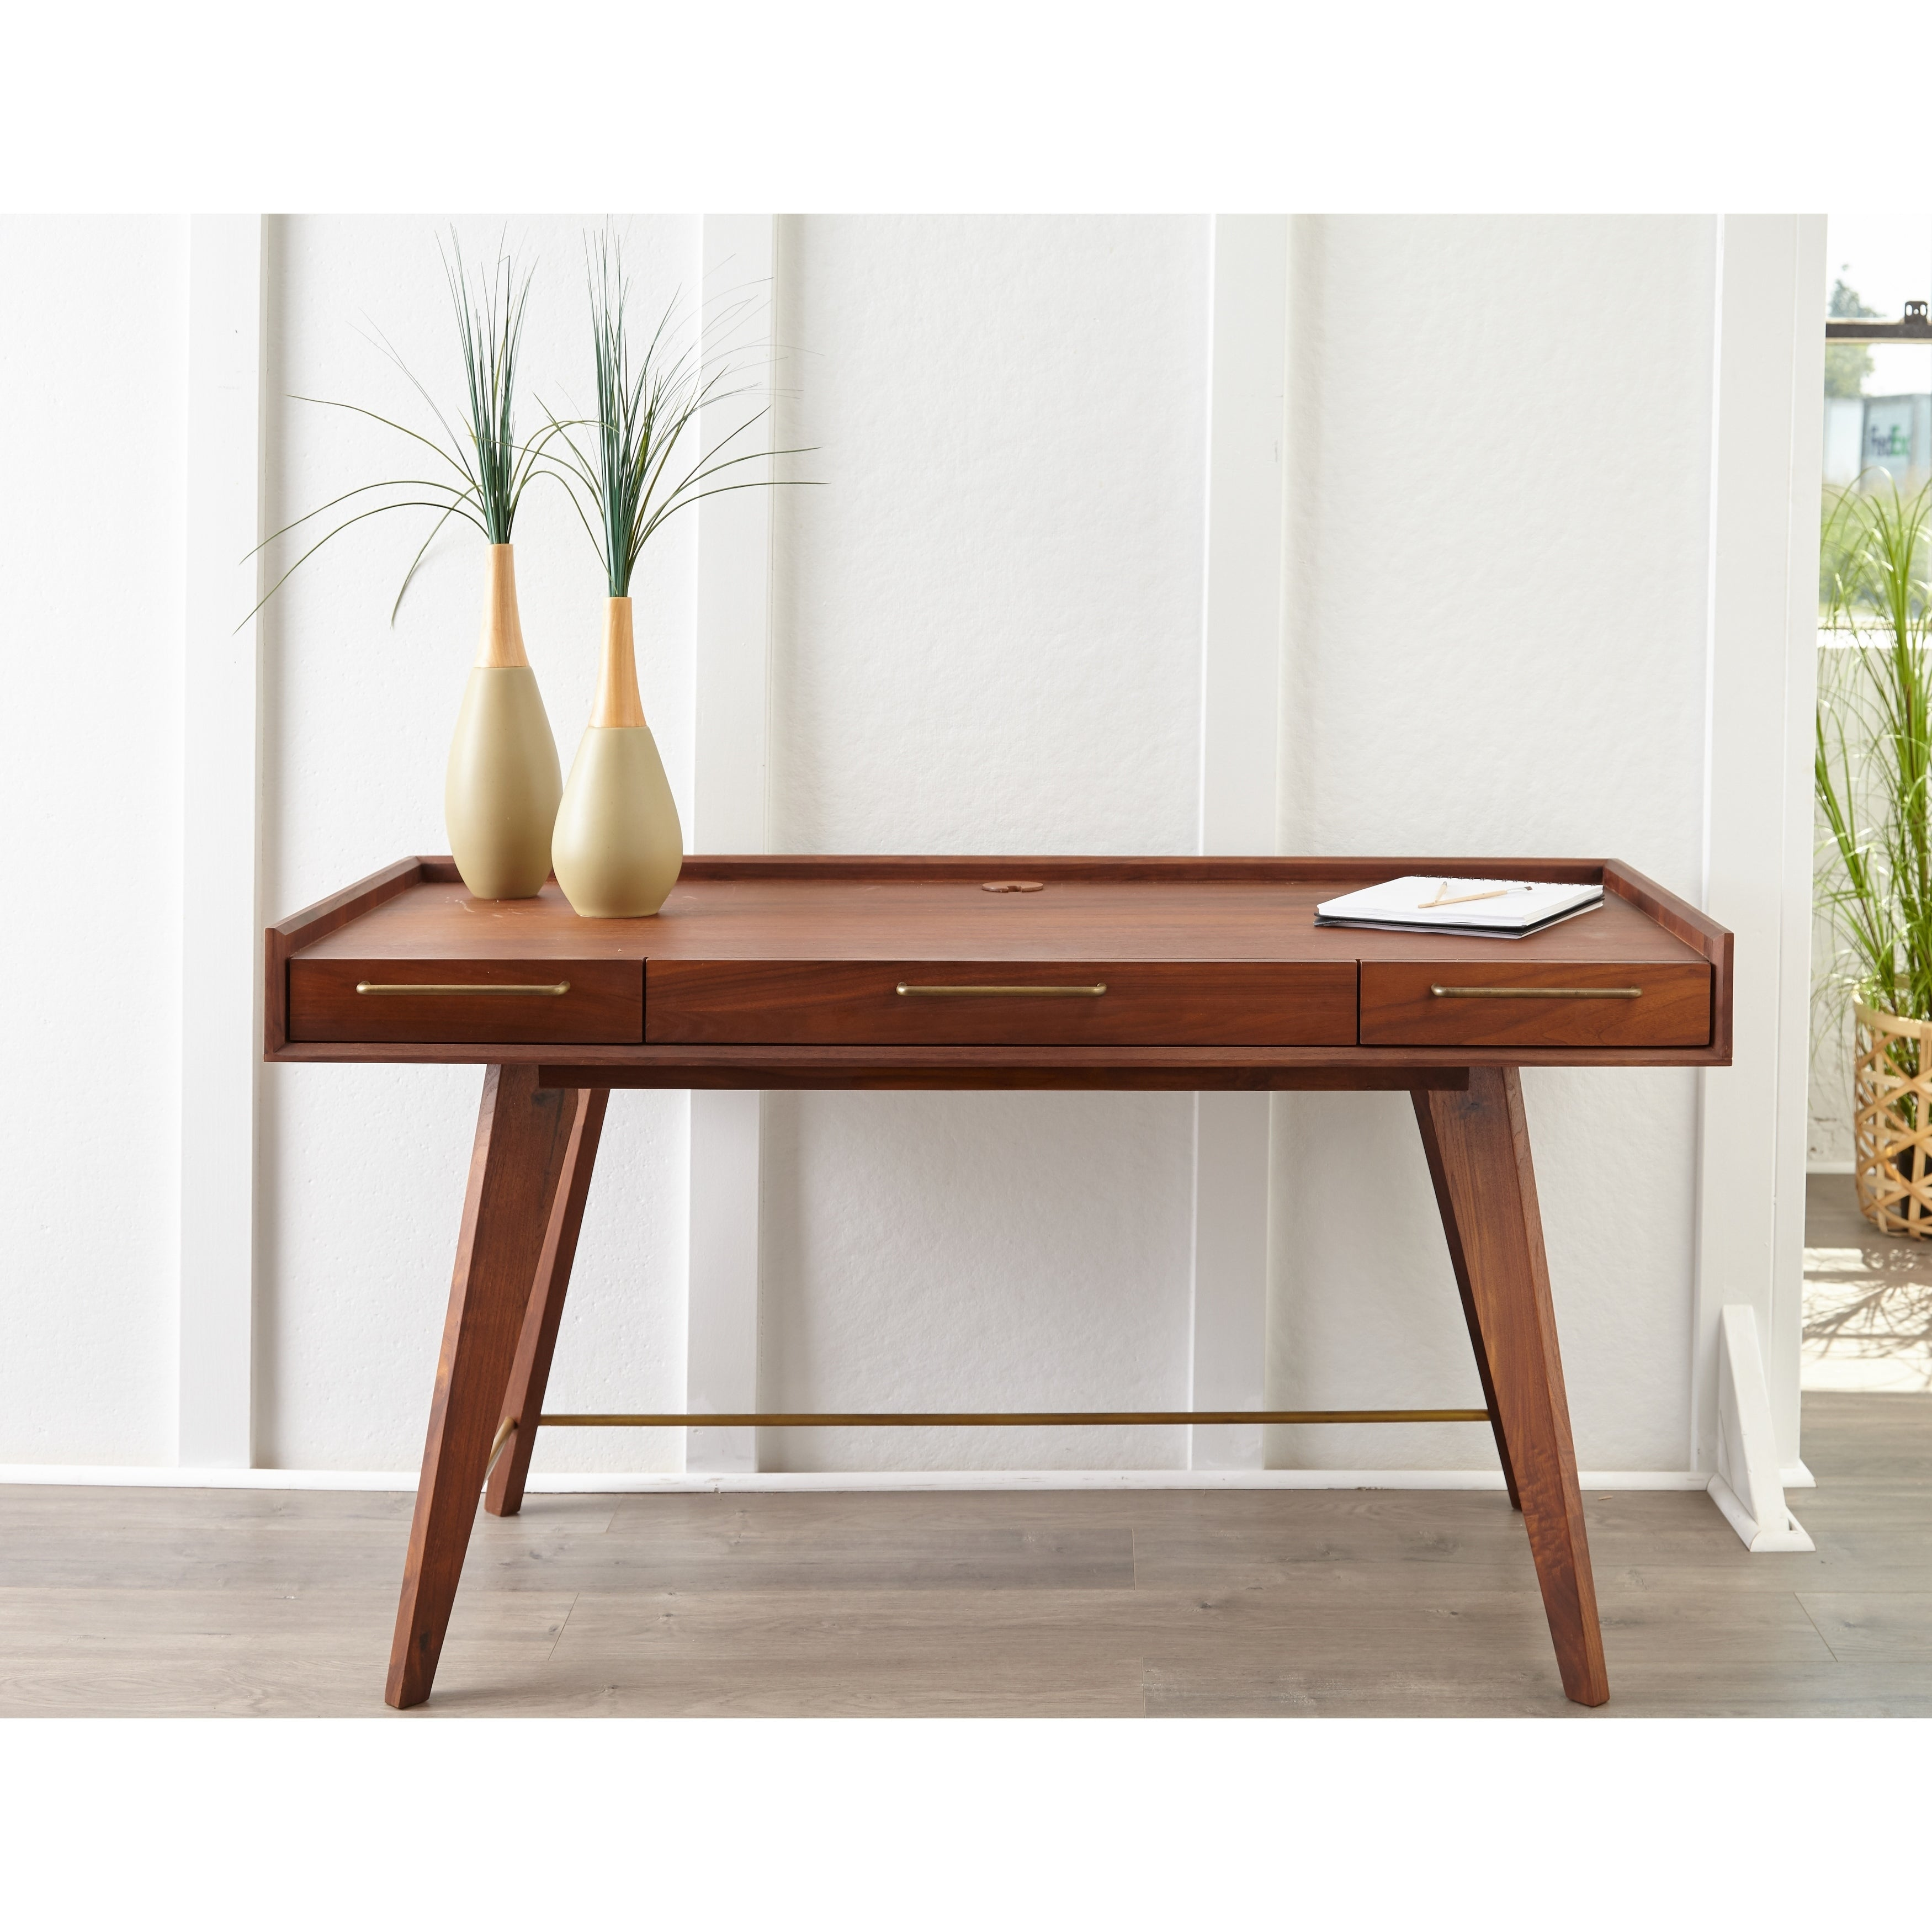 Waldorf Walnut Wood Desk With 3 Drawers